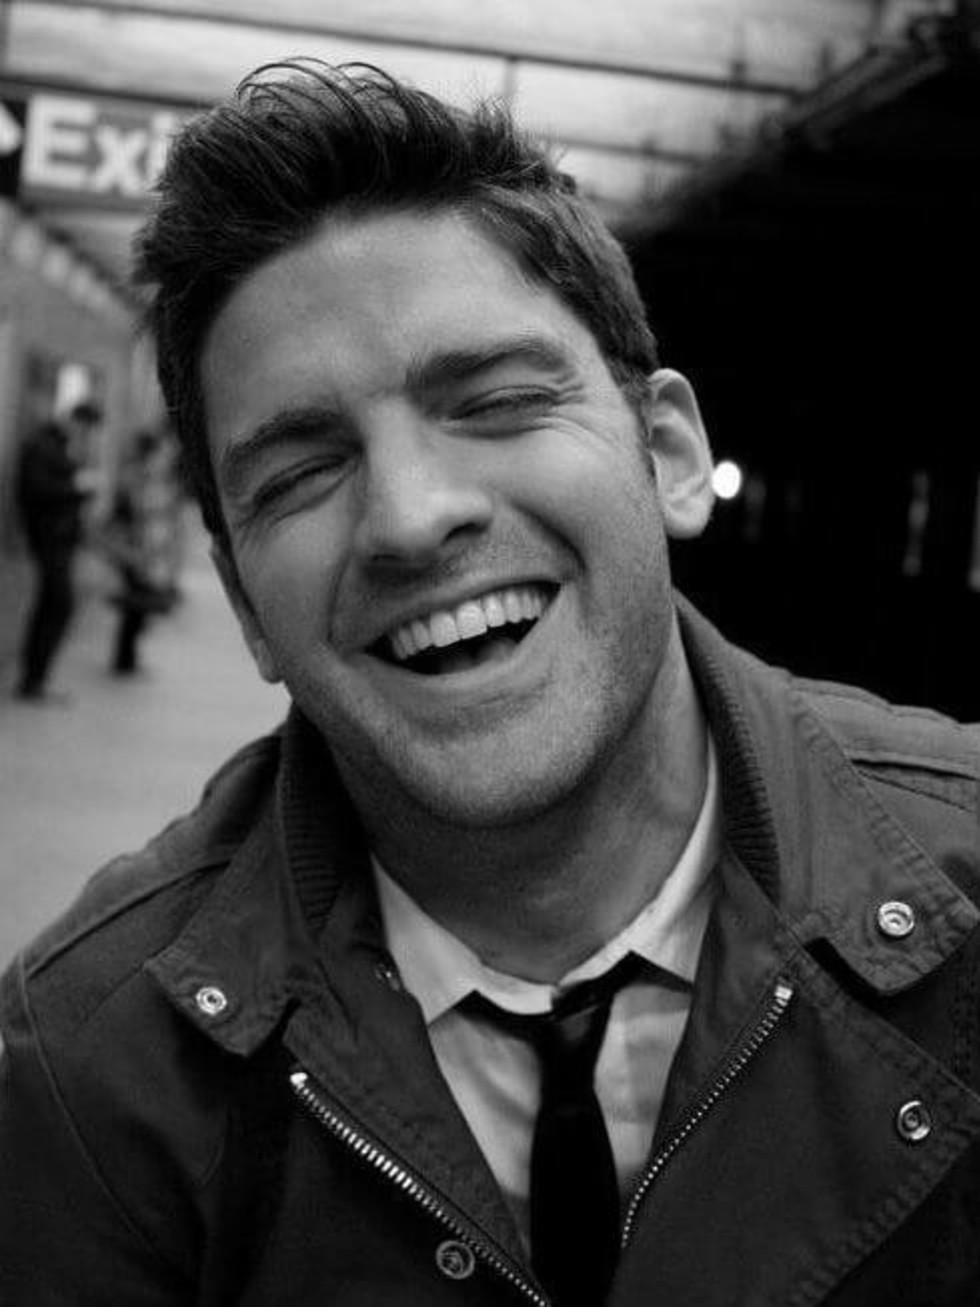 Dallas director Derek Whitener